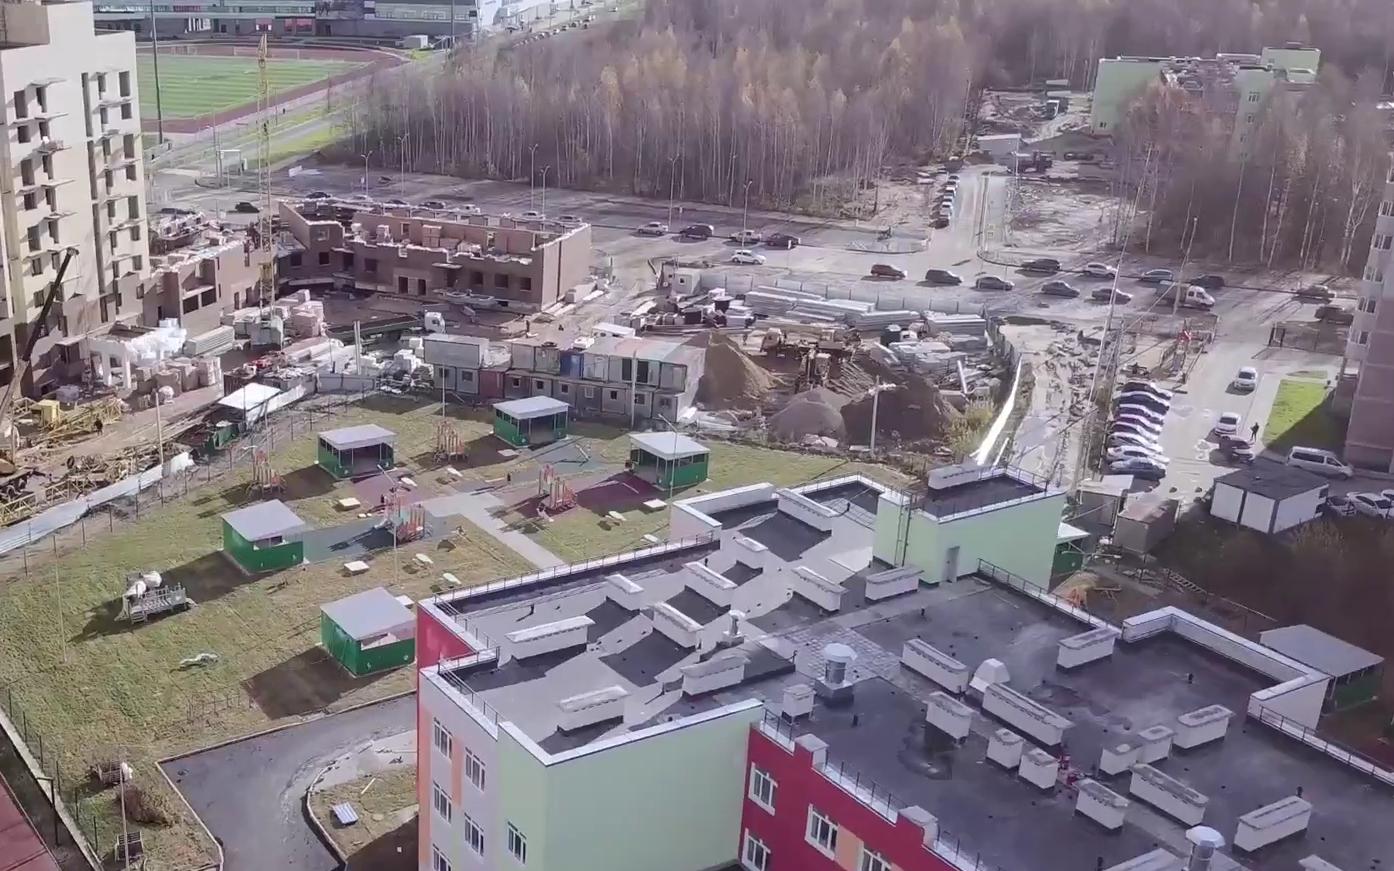 На Дядьковской в текущем году будет завершено строительство двух детских садов